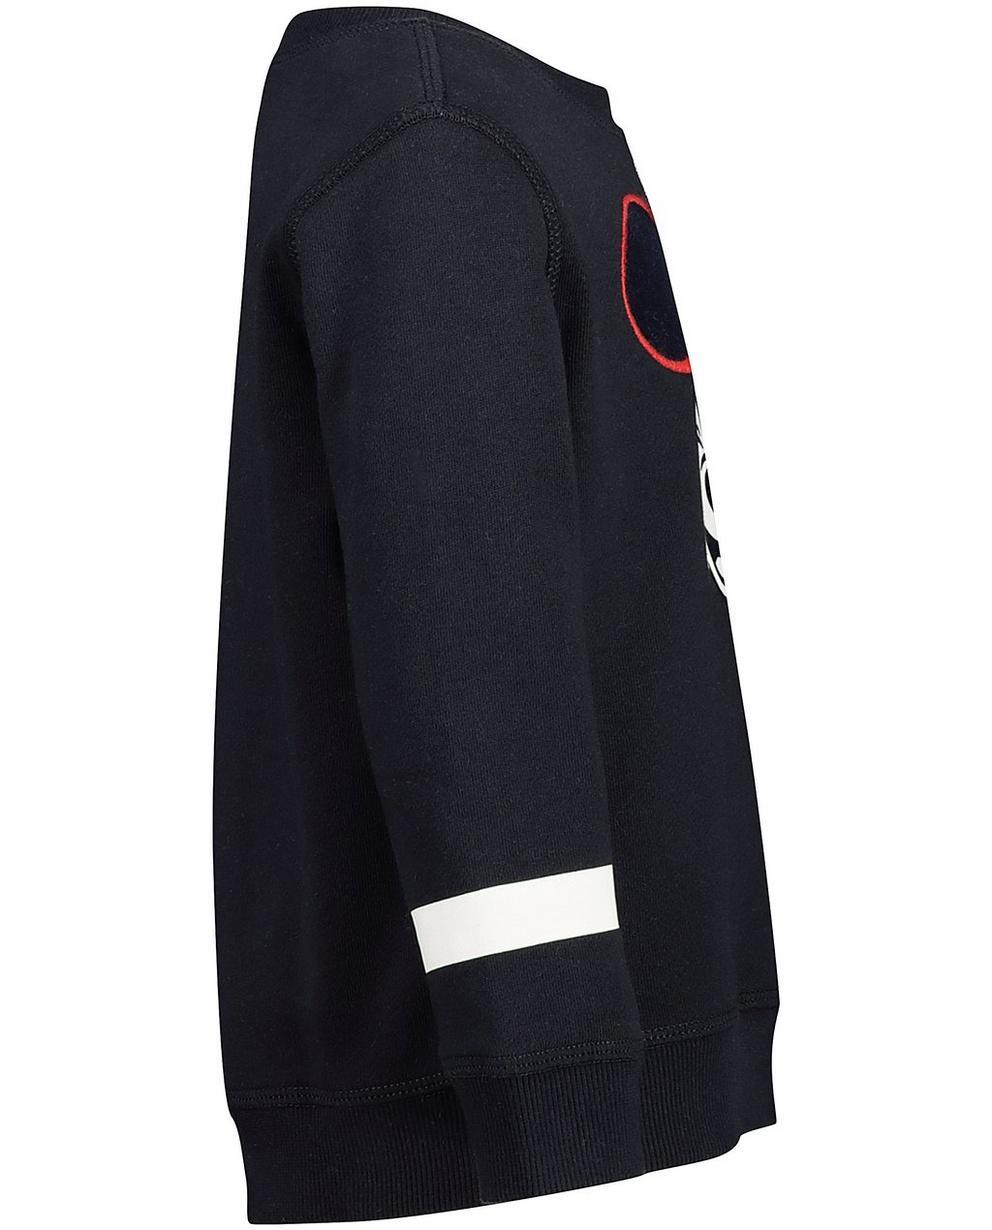 Sweater - Navy - Sweater mit Print, 2-7 Jahre